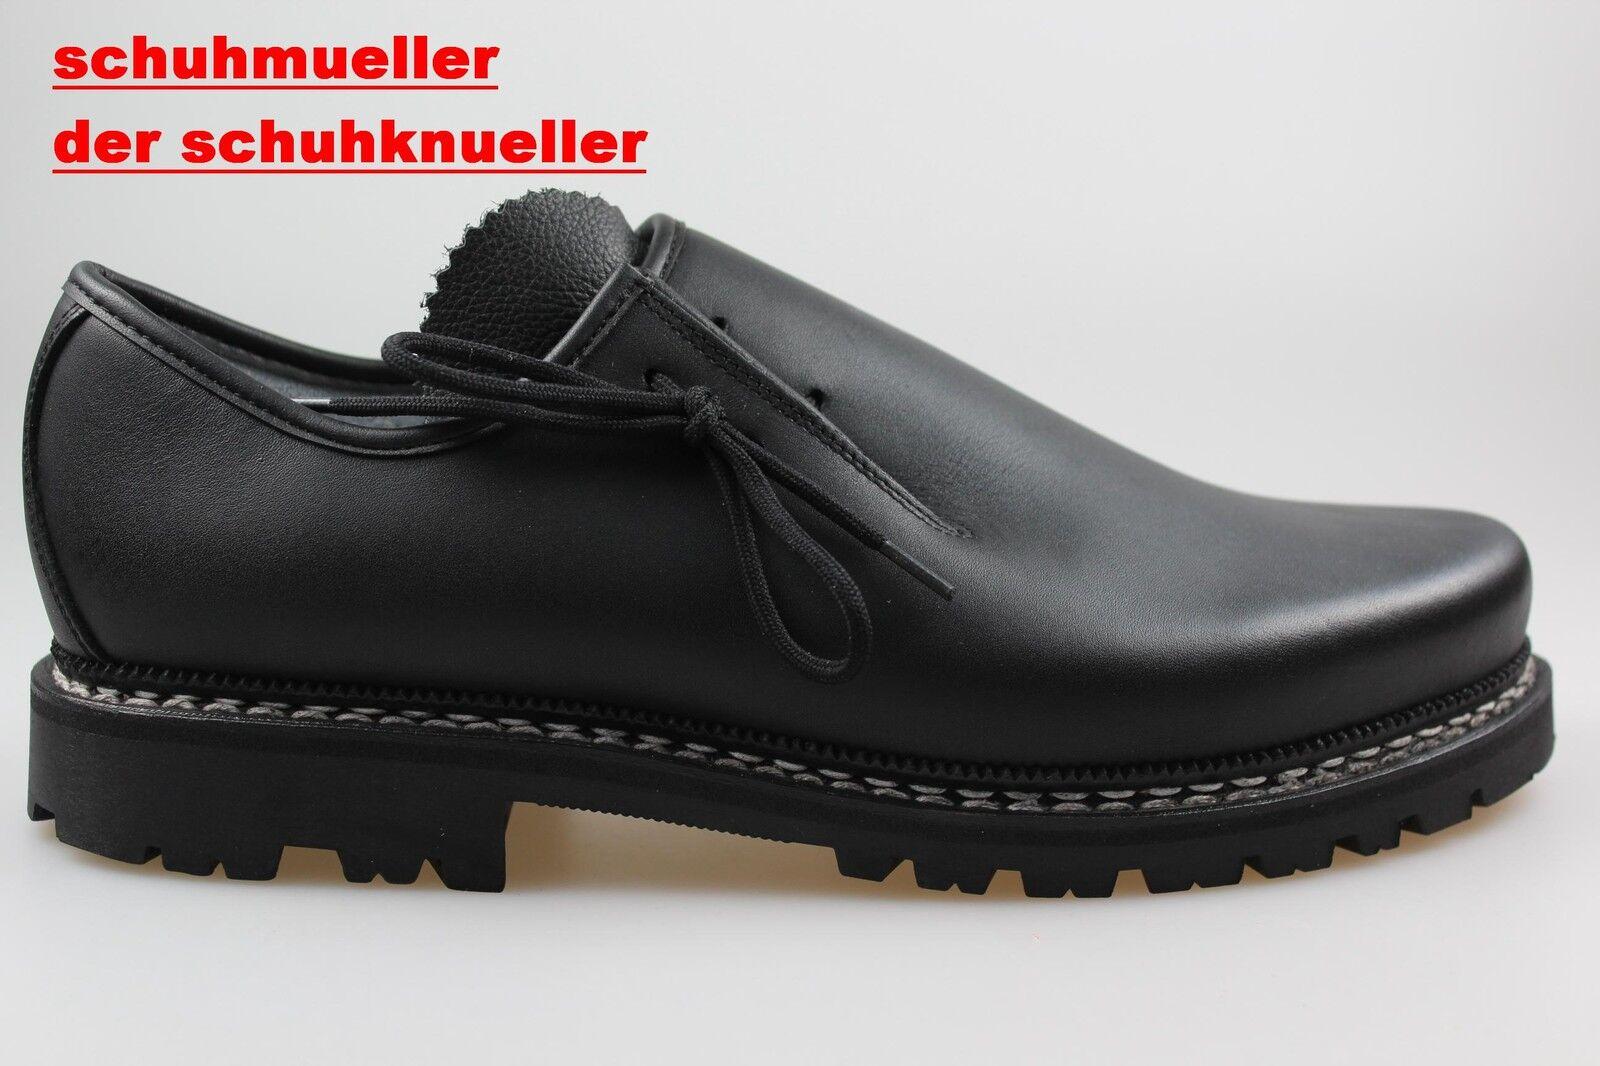 Haferlschuhe Meindl 86 M schwarz, 1080-01